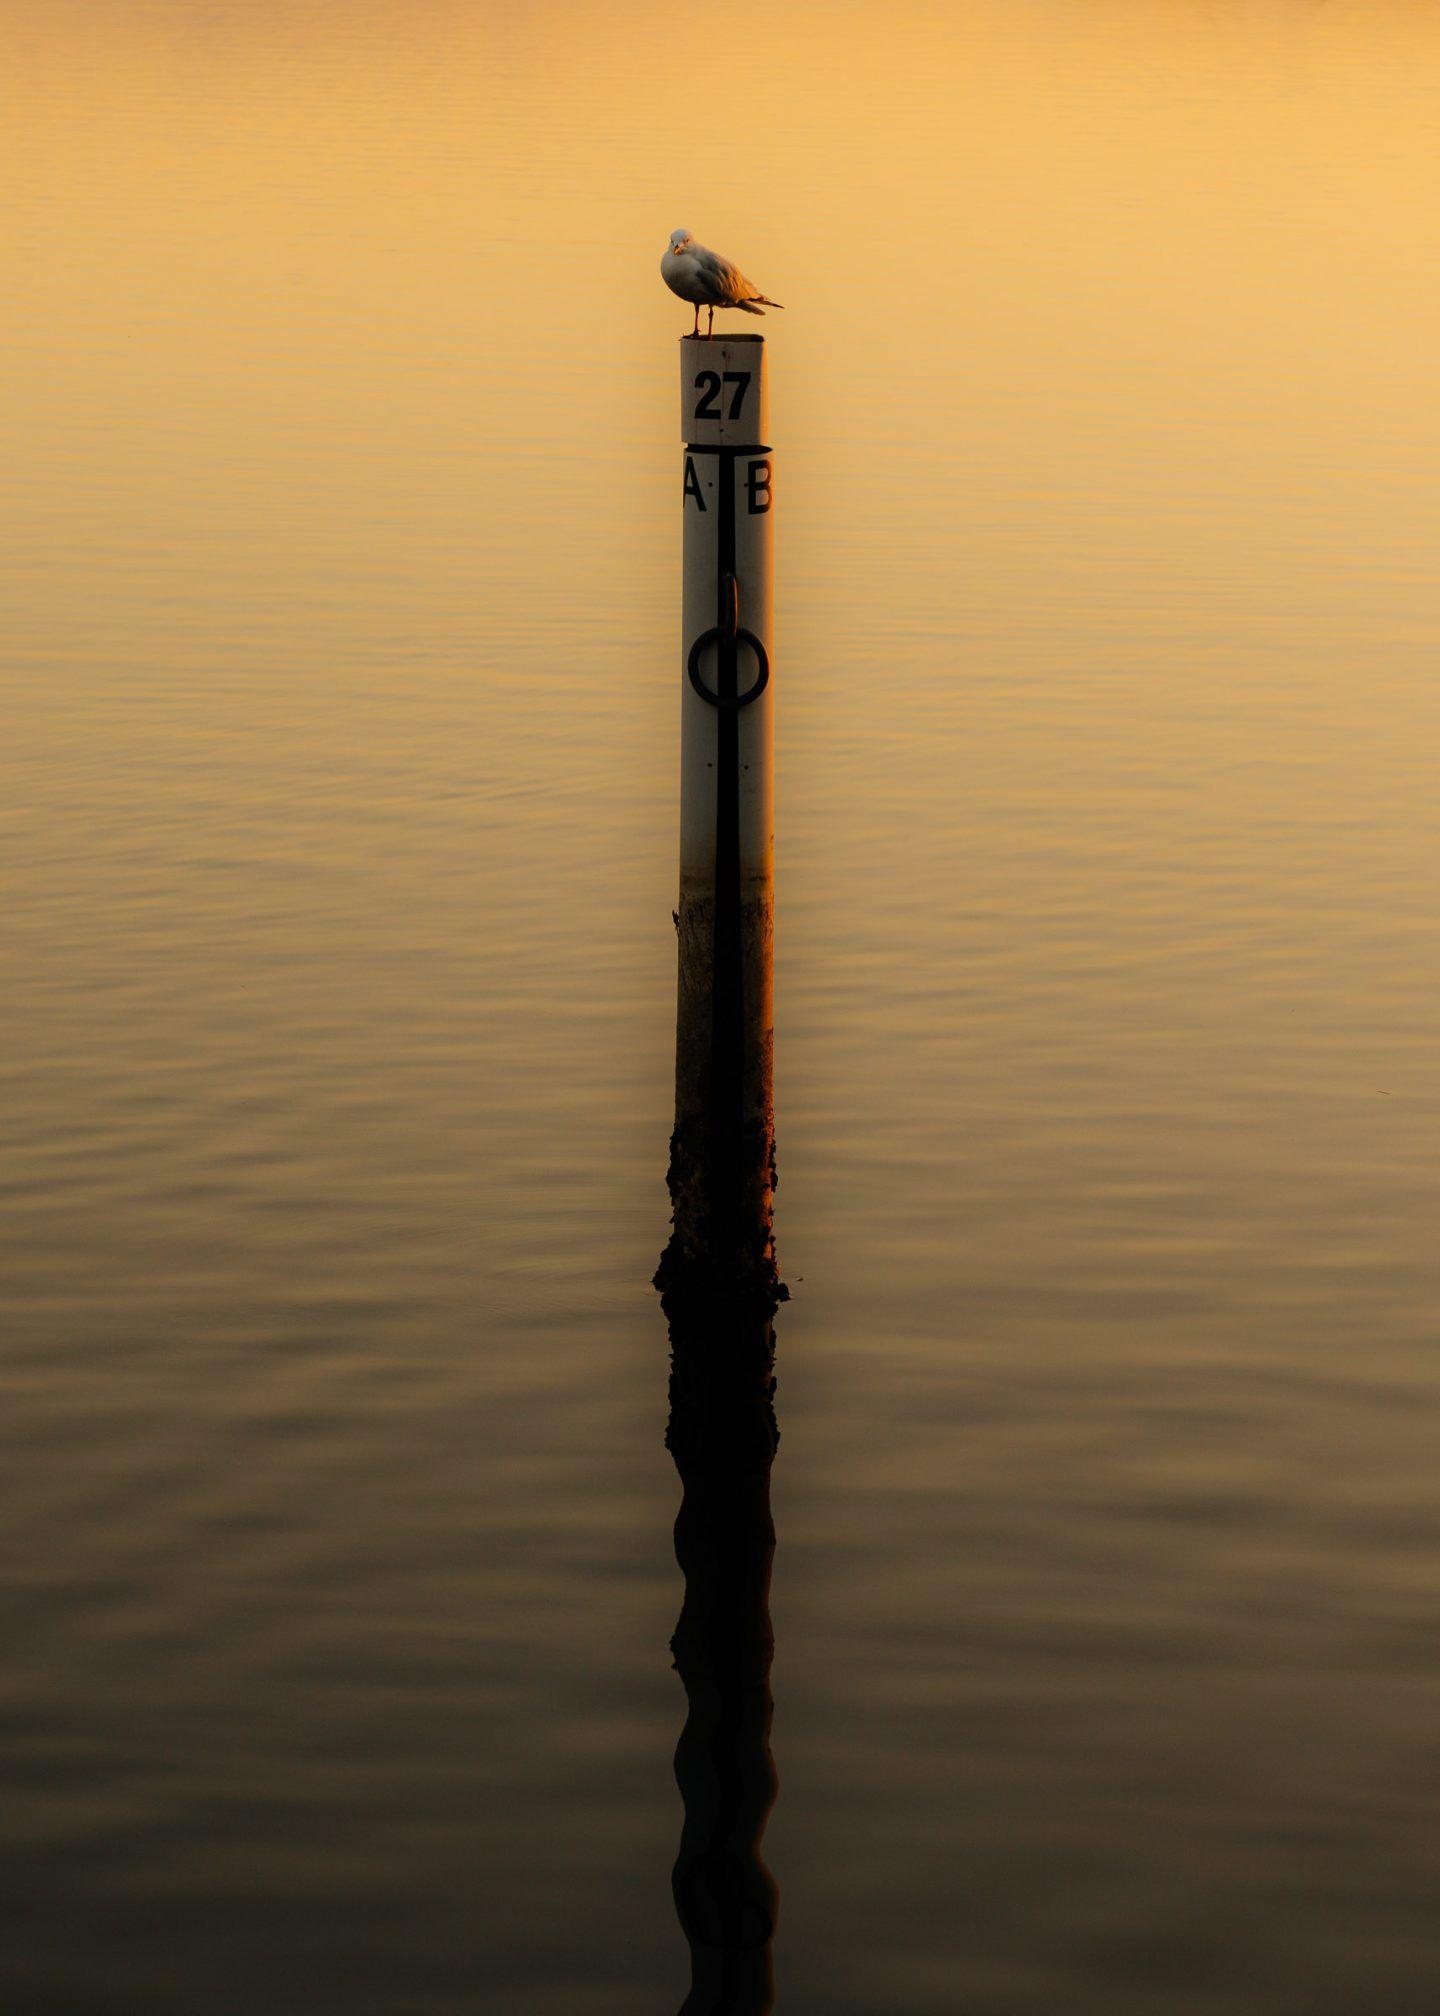 IGNANT-Photography-Daniel-Mueller-Strange-Bloke-28